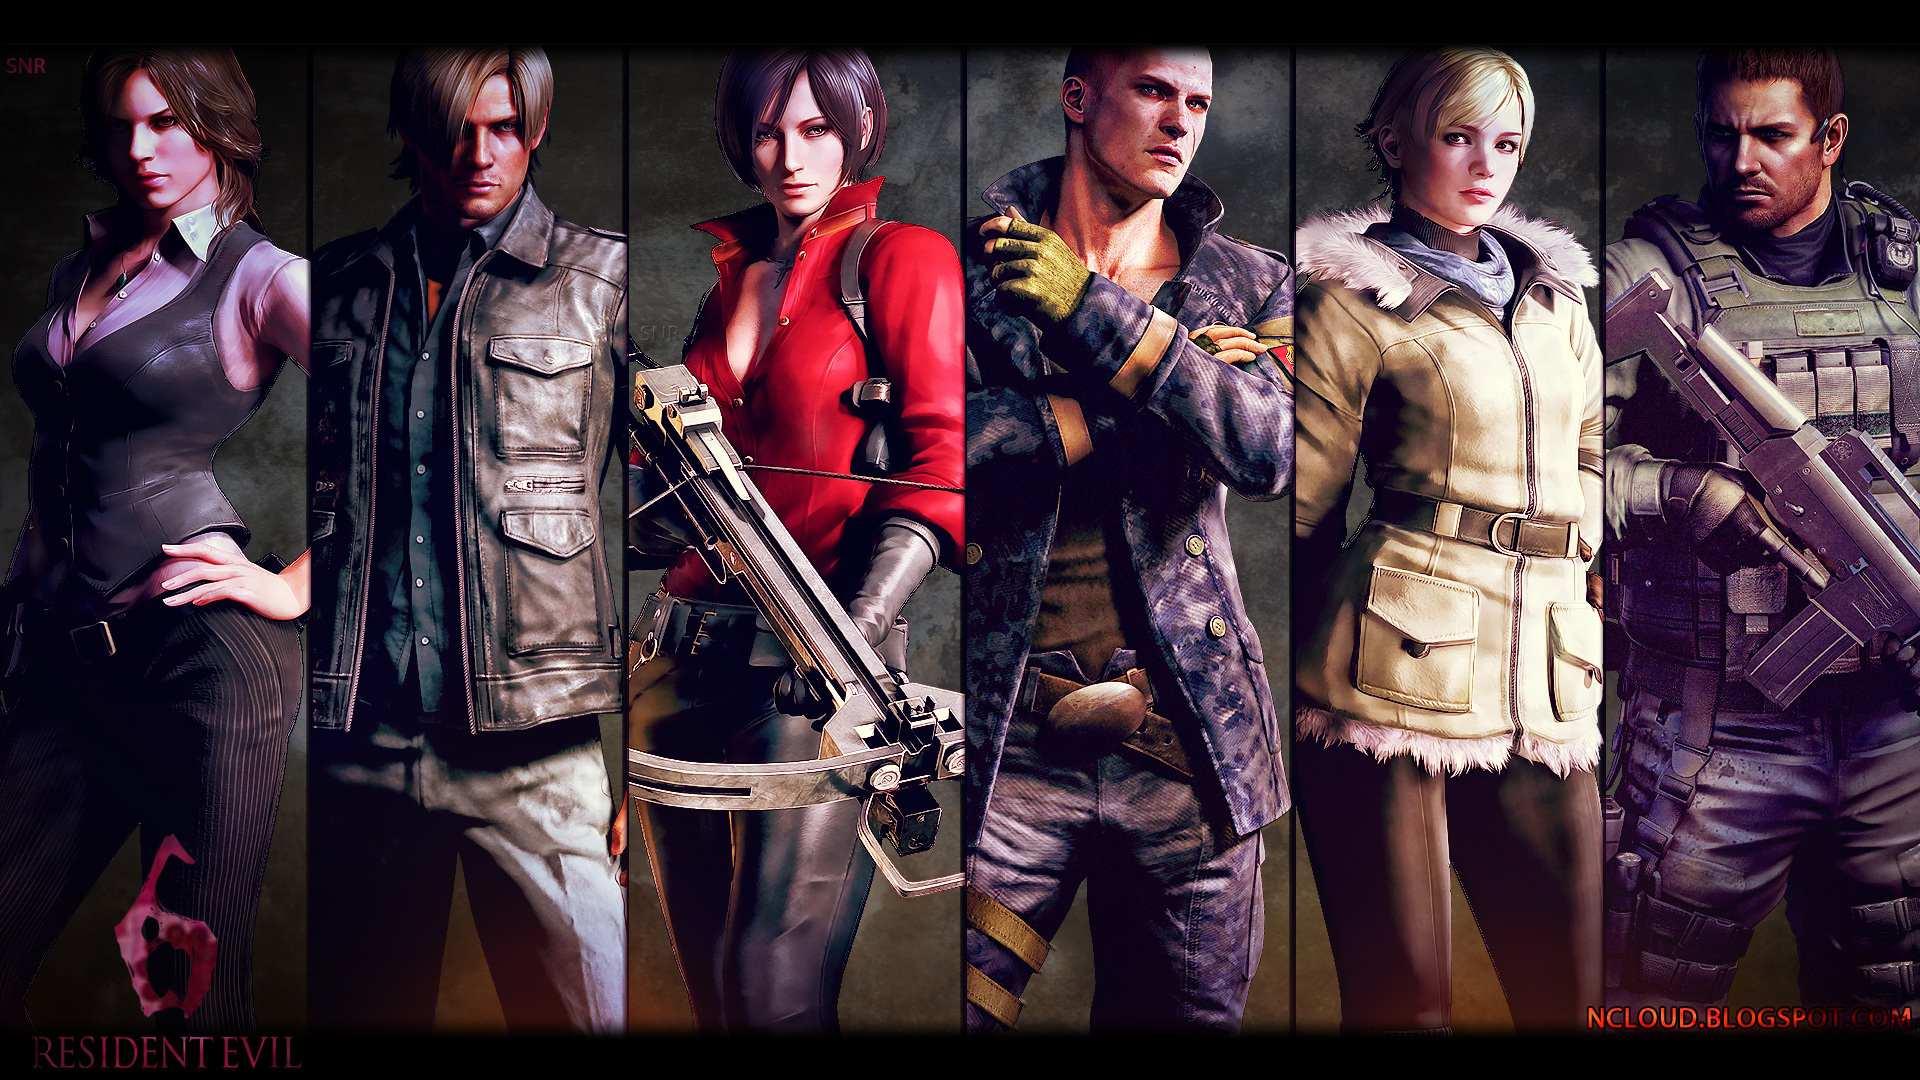 Resident-Evil-game-wallpaper-wp48010081